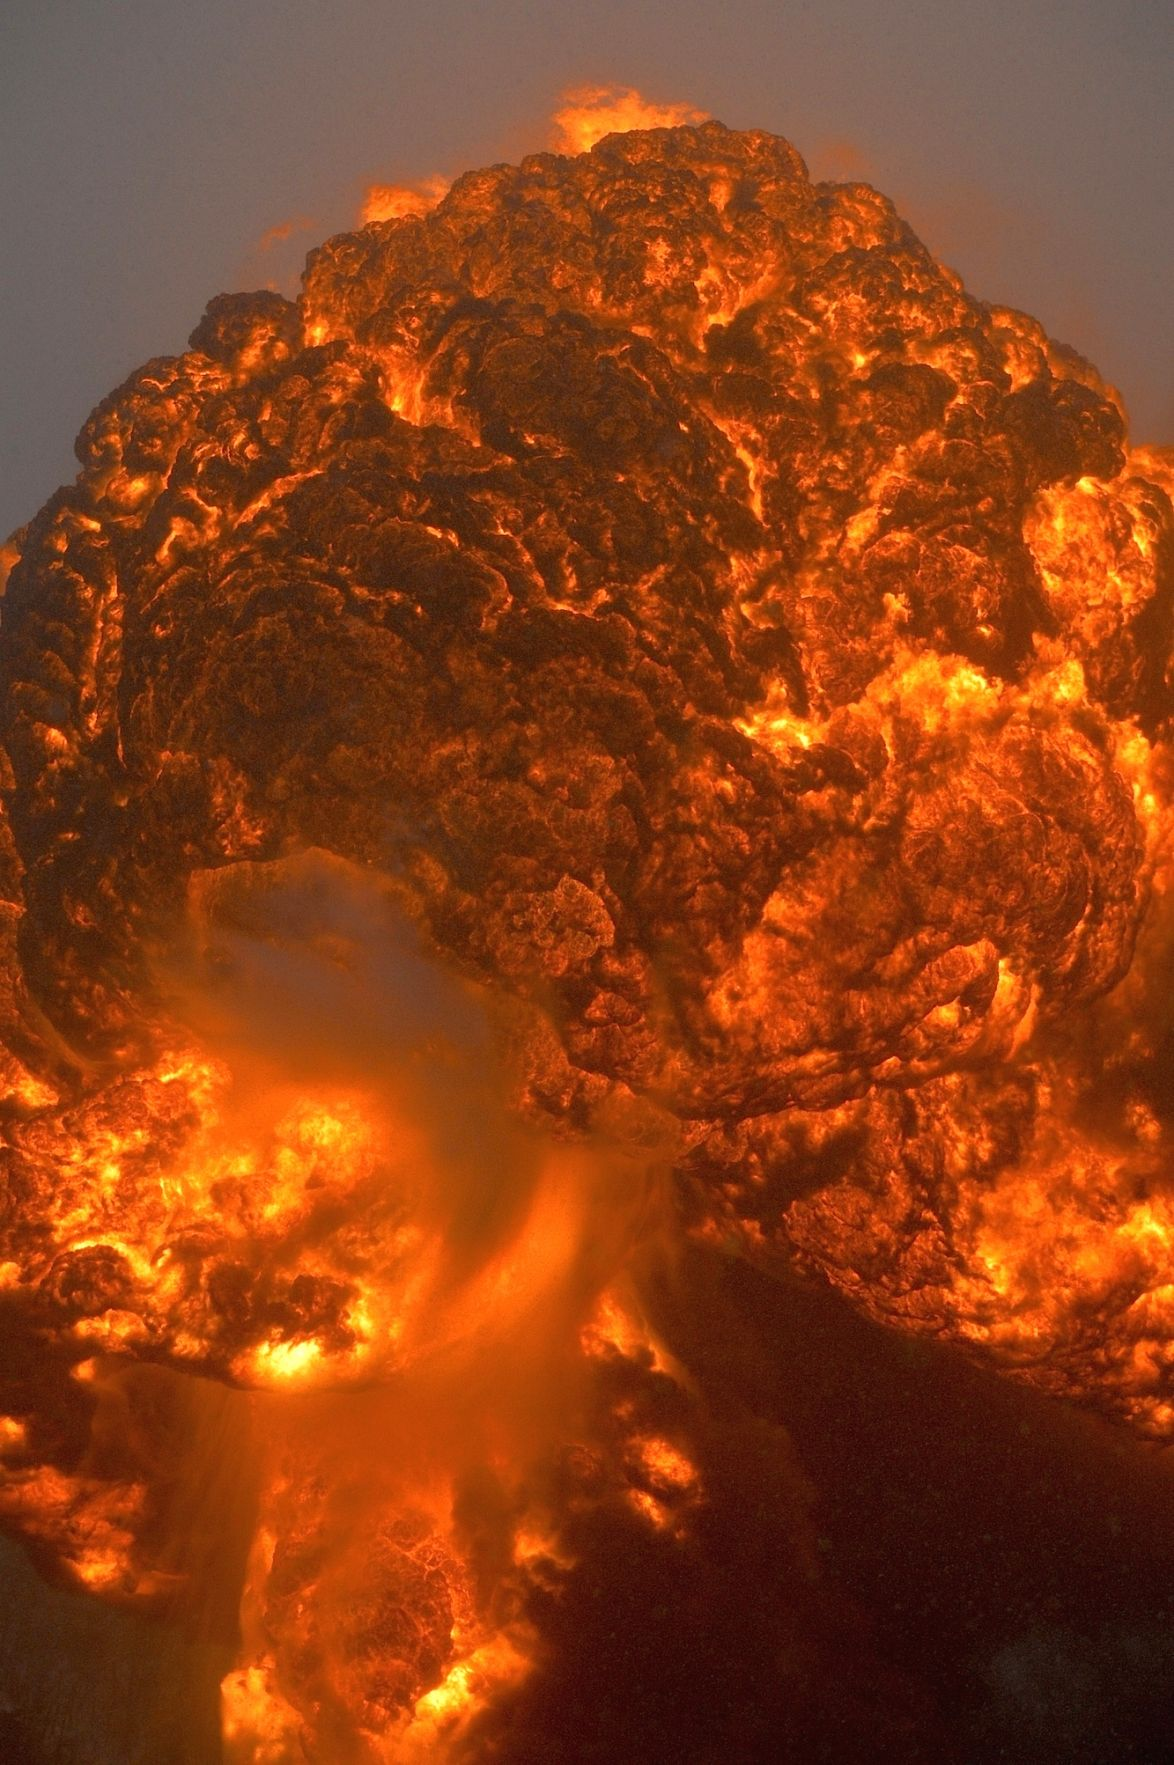 Flames roar into sky